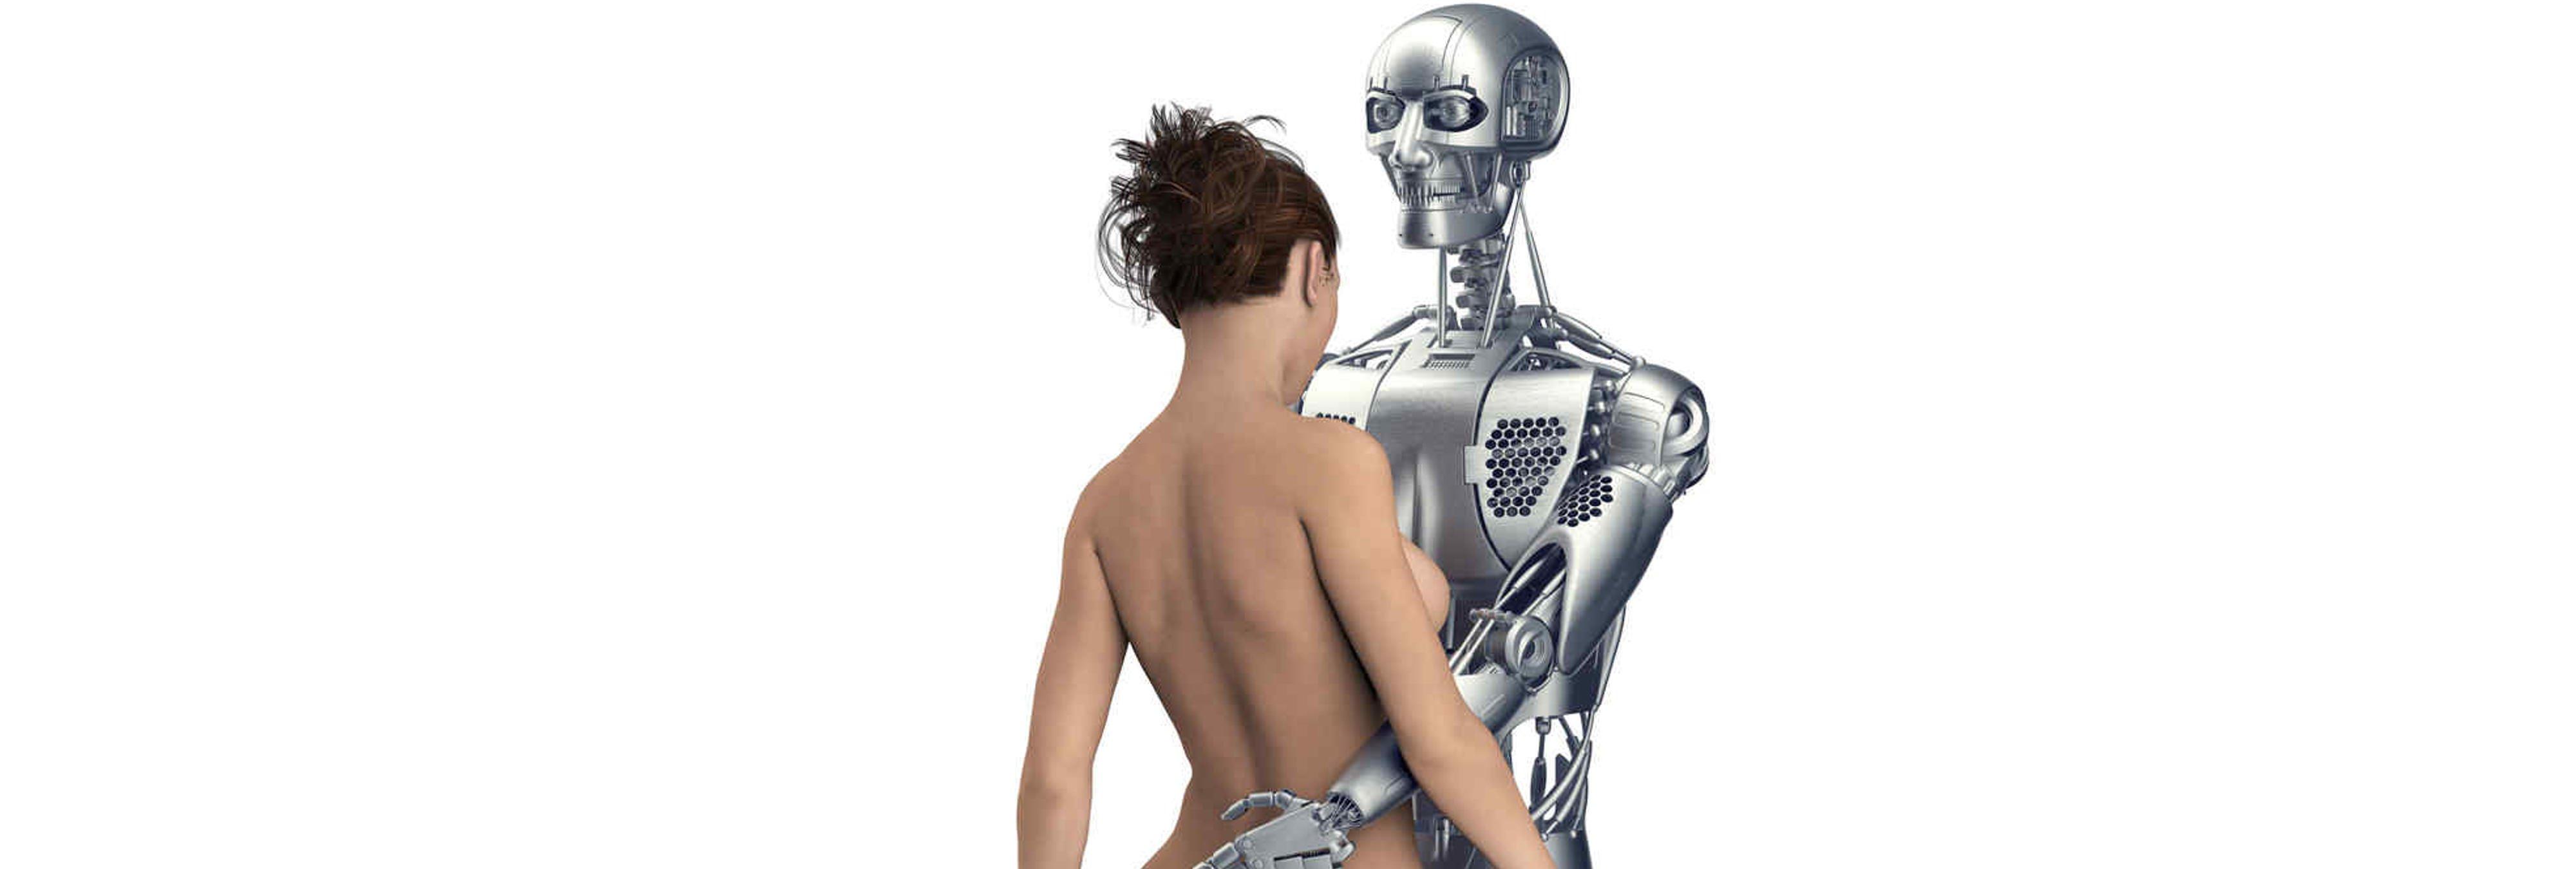 Llegan los robots sexuales masculinos con pene biónico incluido